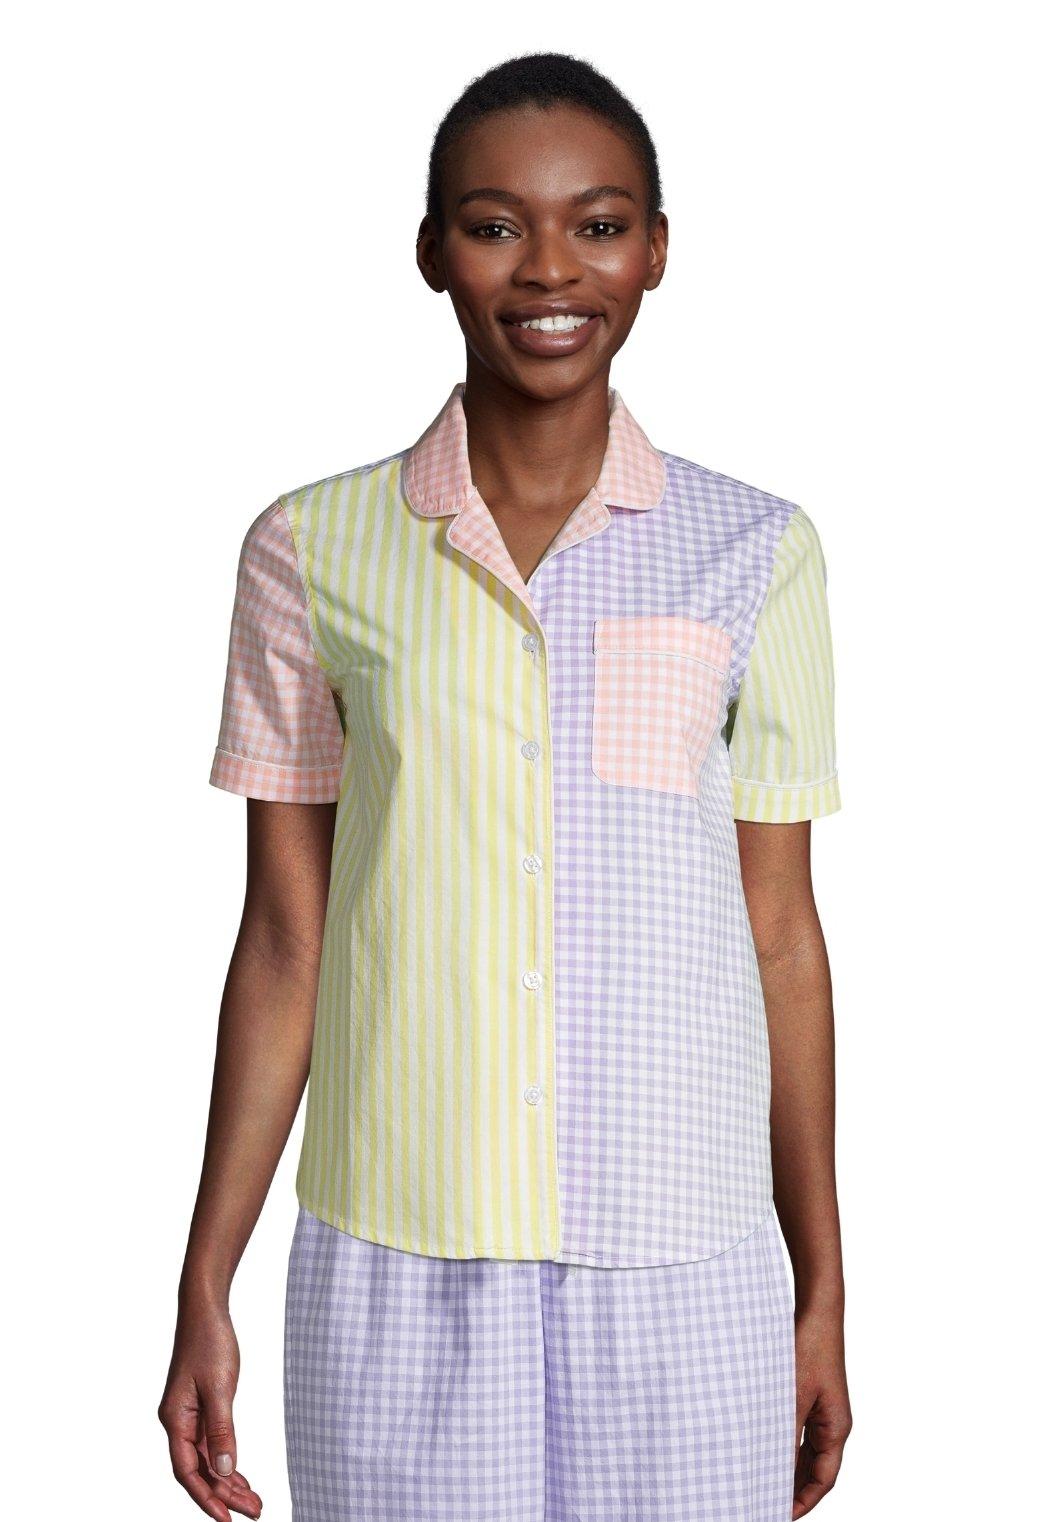 Damen Nachtwäsche Shirt - gingham stripe mix